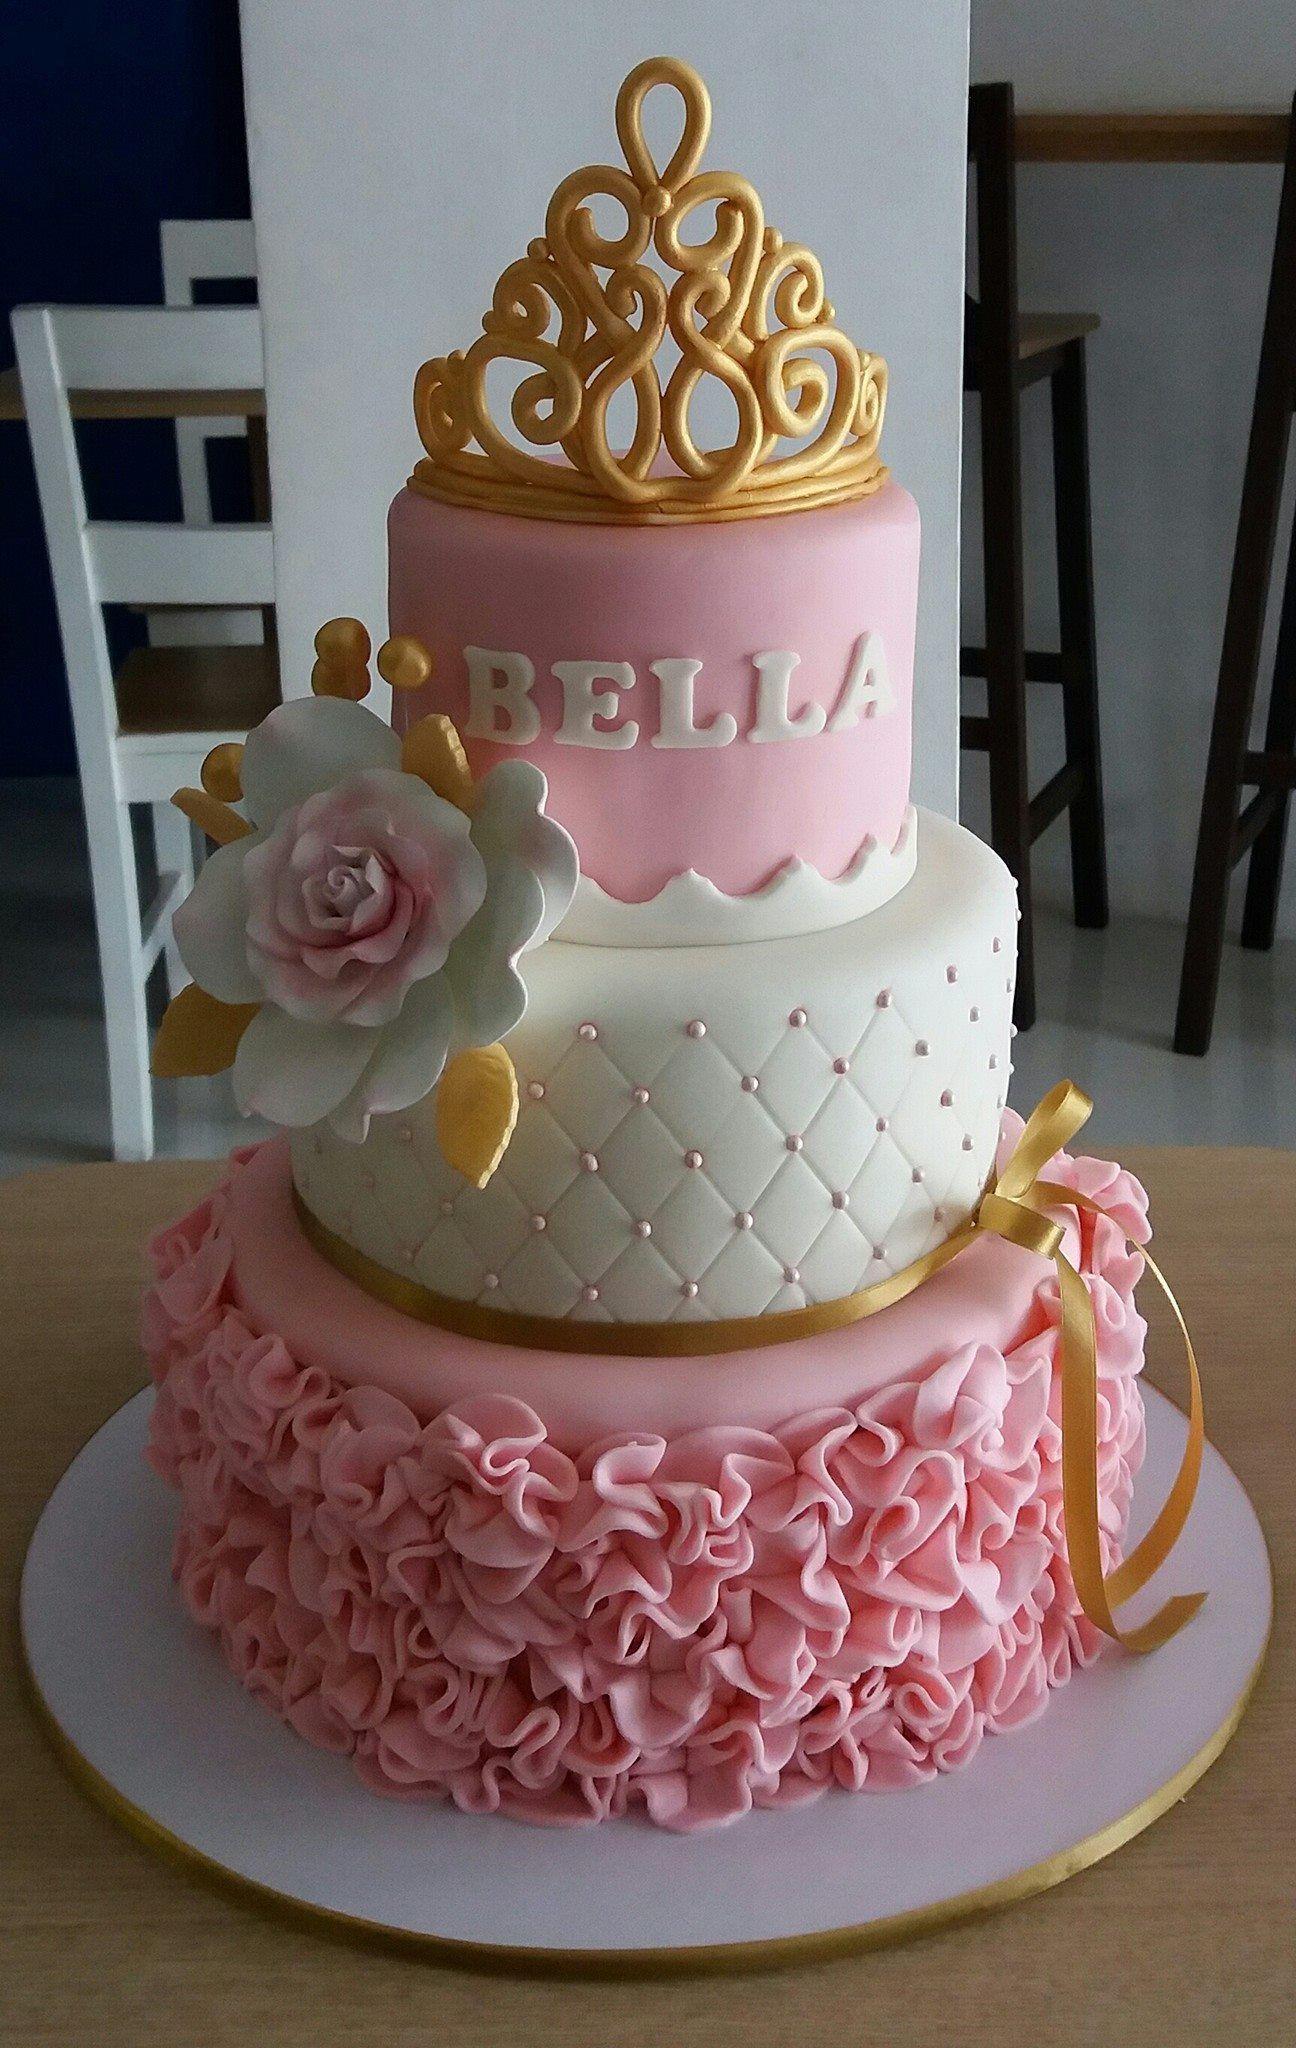 Pin By Nilda De Jesus On Design Cake Princess Birthday Cake Birthday Cake Girls 18th Birthday Cake